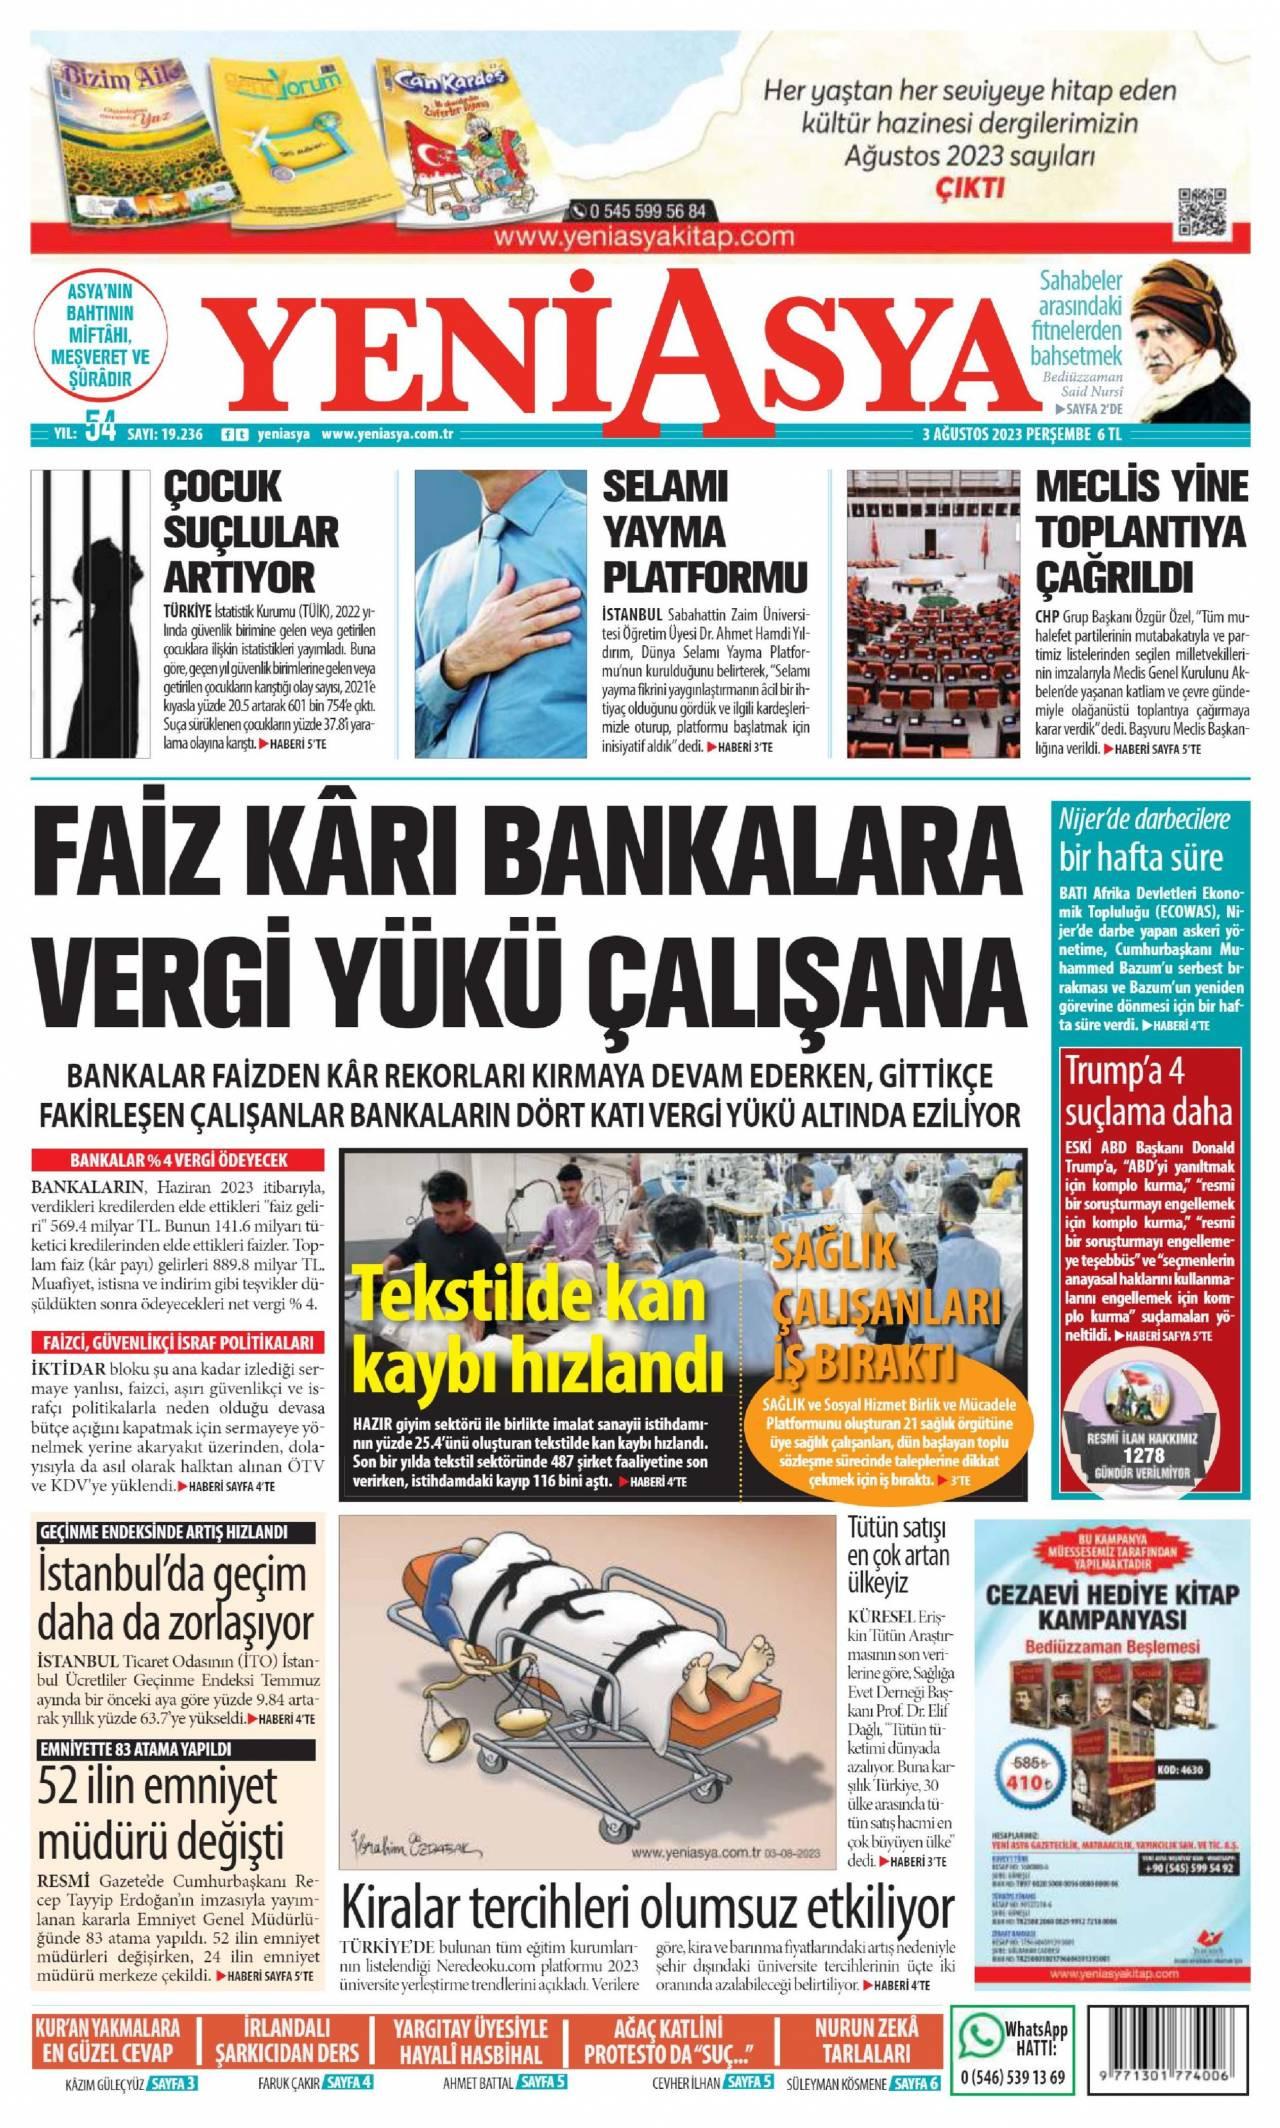 23 Ağustos 2019, Cuma yeniasya Gazetesi